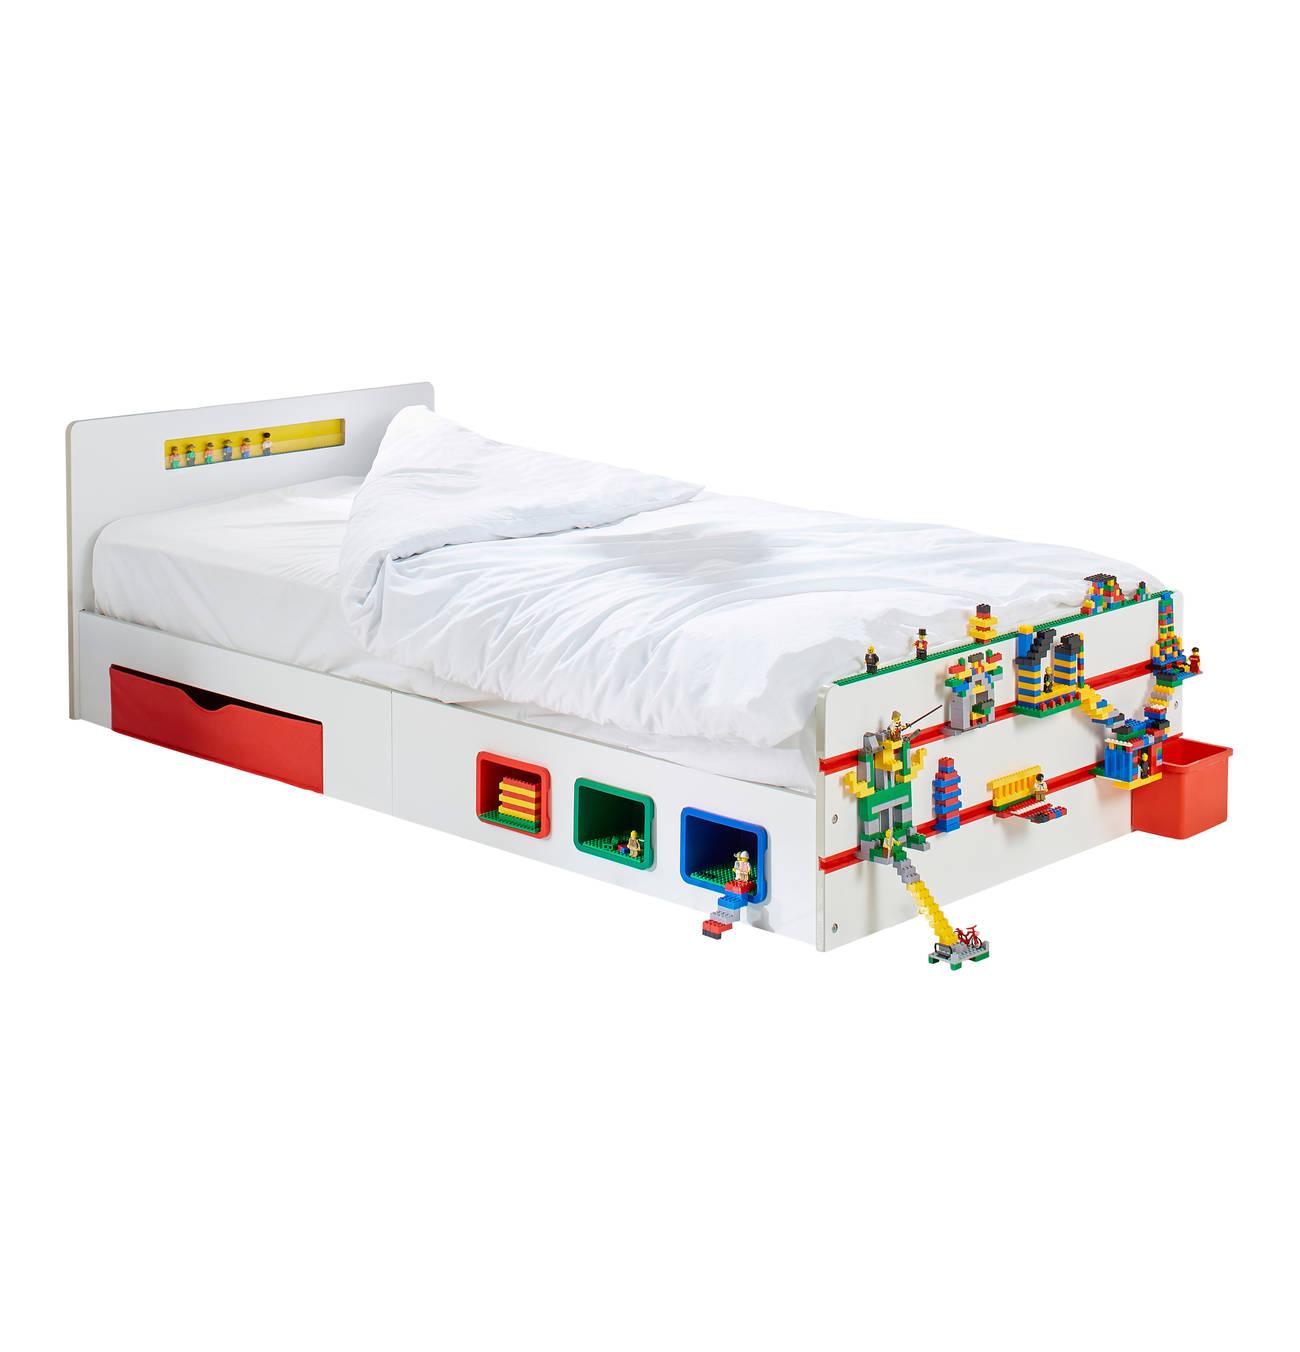 Kinderbett Room 2 Build Kinderbett Betten Fur Kinder Und Bett